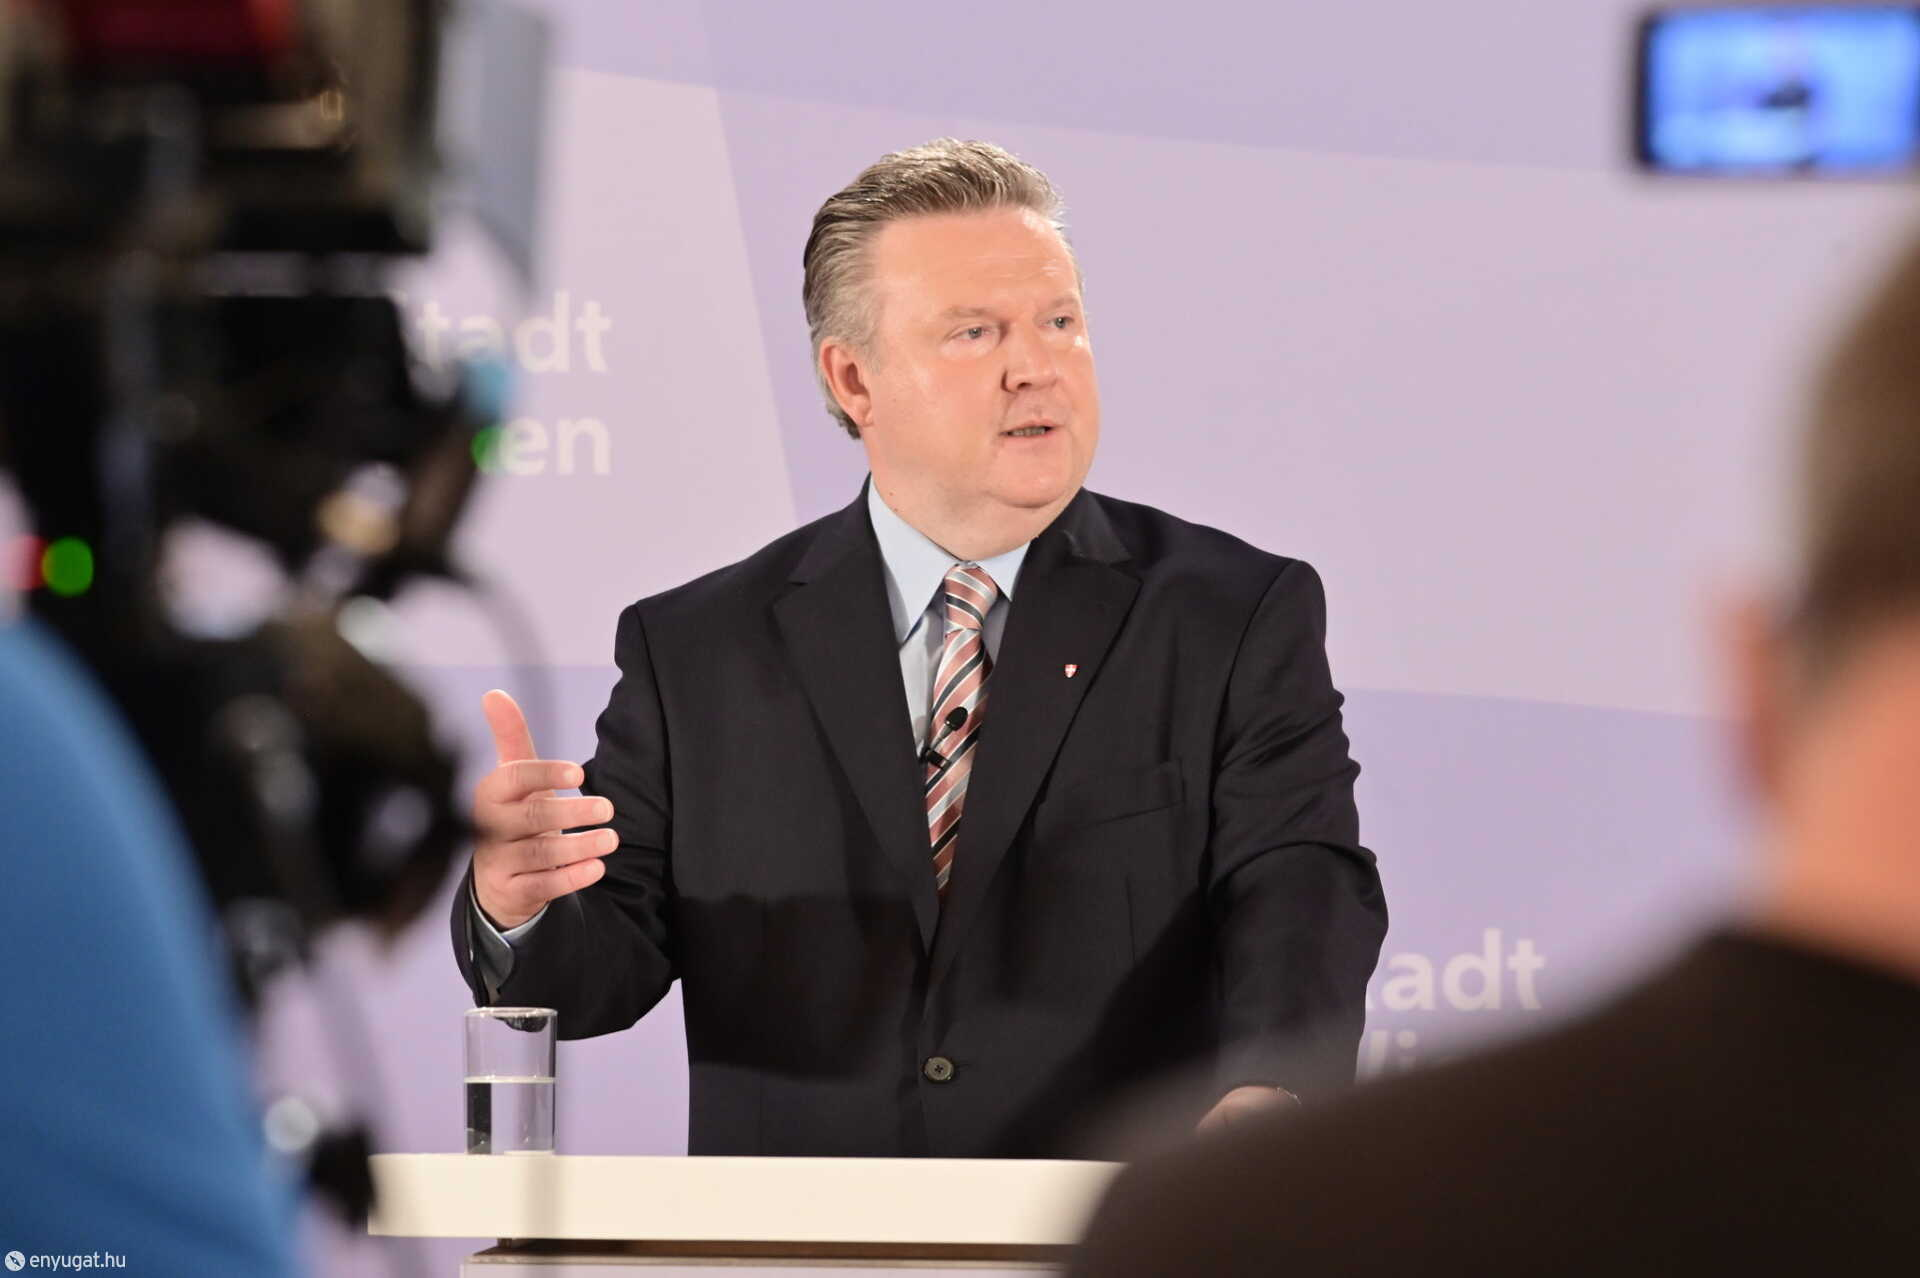 Michael Ludwig, Bécs polgármestere a sajtótájékoztatón.